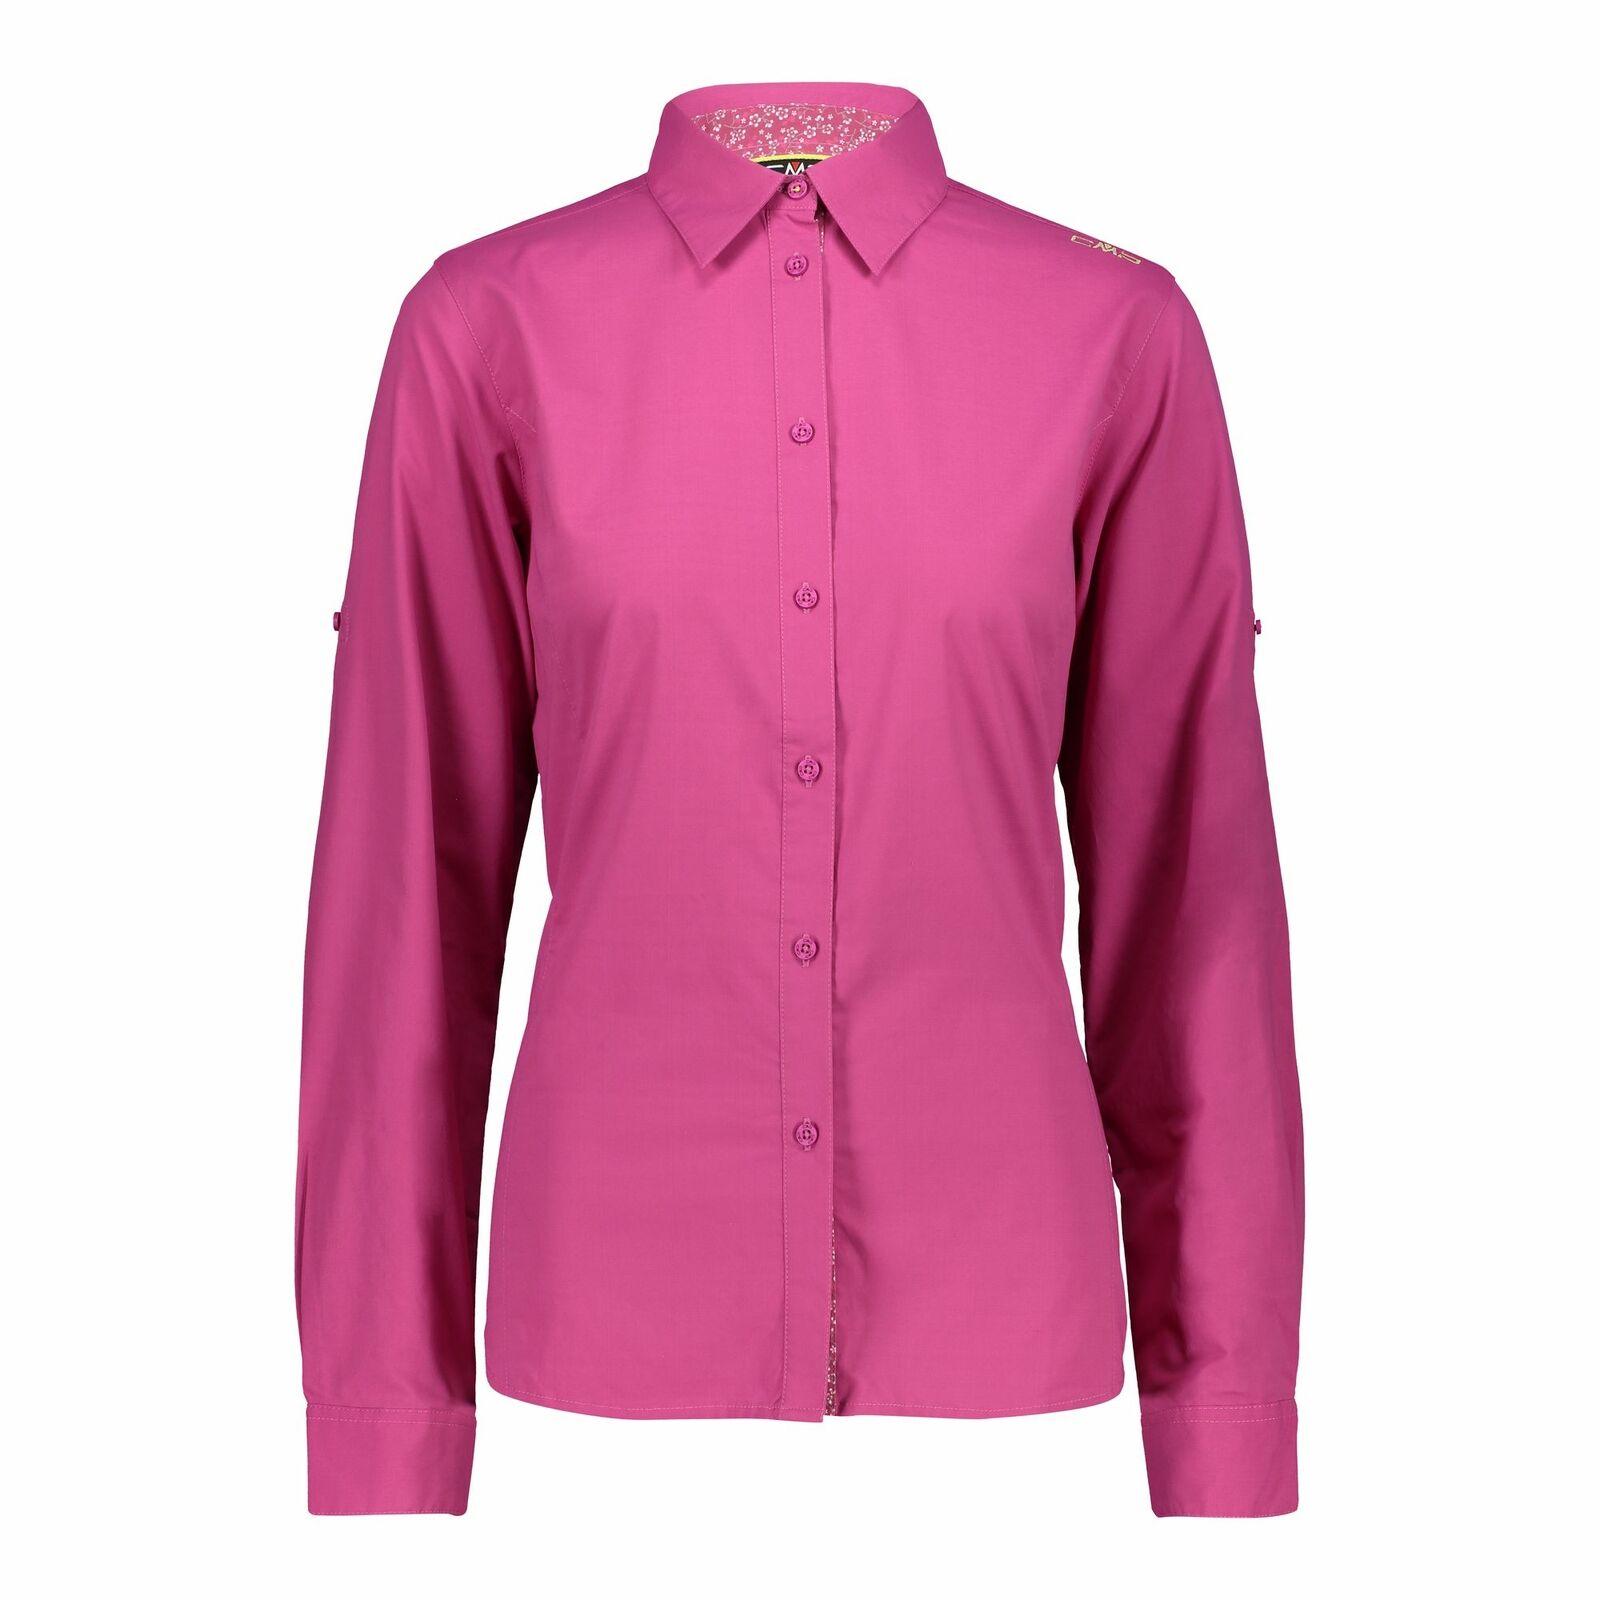 CMP Camicetta Camicia Donna Shirt Fucsia Traspirante Elastico Anti Batterico